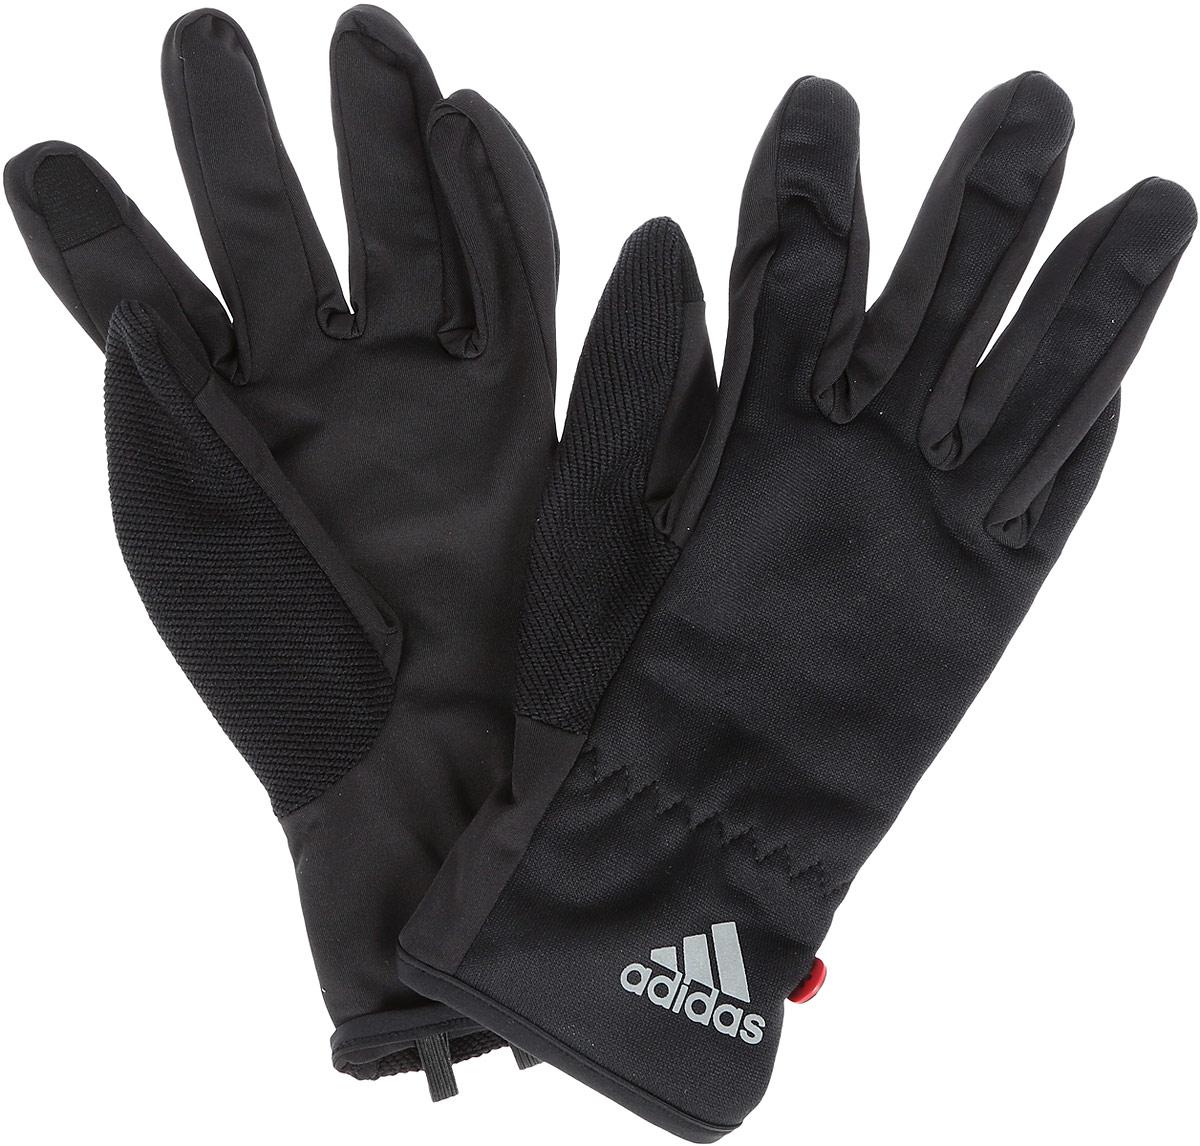 Перчатки для бега adidas Run Clmlt Glove, цвет: черный. S94173. Размер L (22)S94173Мягкие и легкие перчатки Adidas Run Clmlt Glove защитят вас от холода и непогоды во время интенсивной тренировки. Технология Сlimalite способствует быстрому выведению влаги с поверхности тела. Модель оформлена логотипом бренда. Выделяйтесь из толпы благодаря стильному дизайну перчаток.